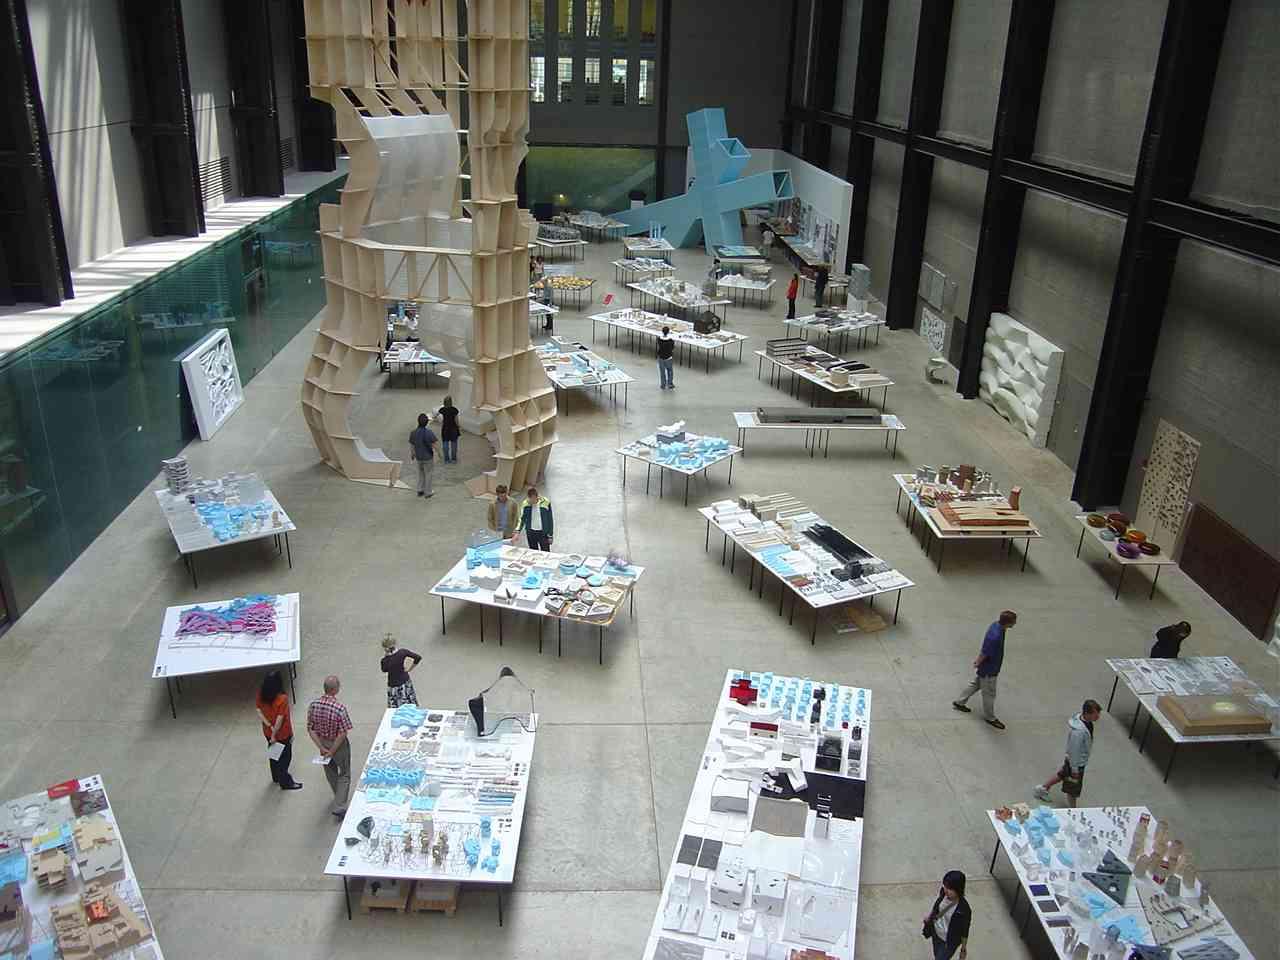 北京オリンピック 鳥の巣 建築家ヘルツォーグ&ド・ムーロン_f0165030_15563338.jpg